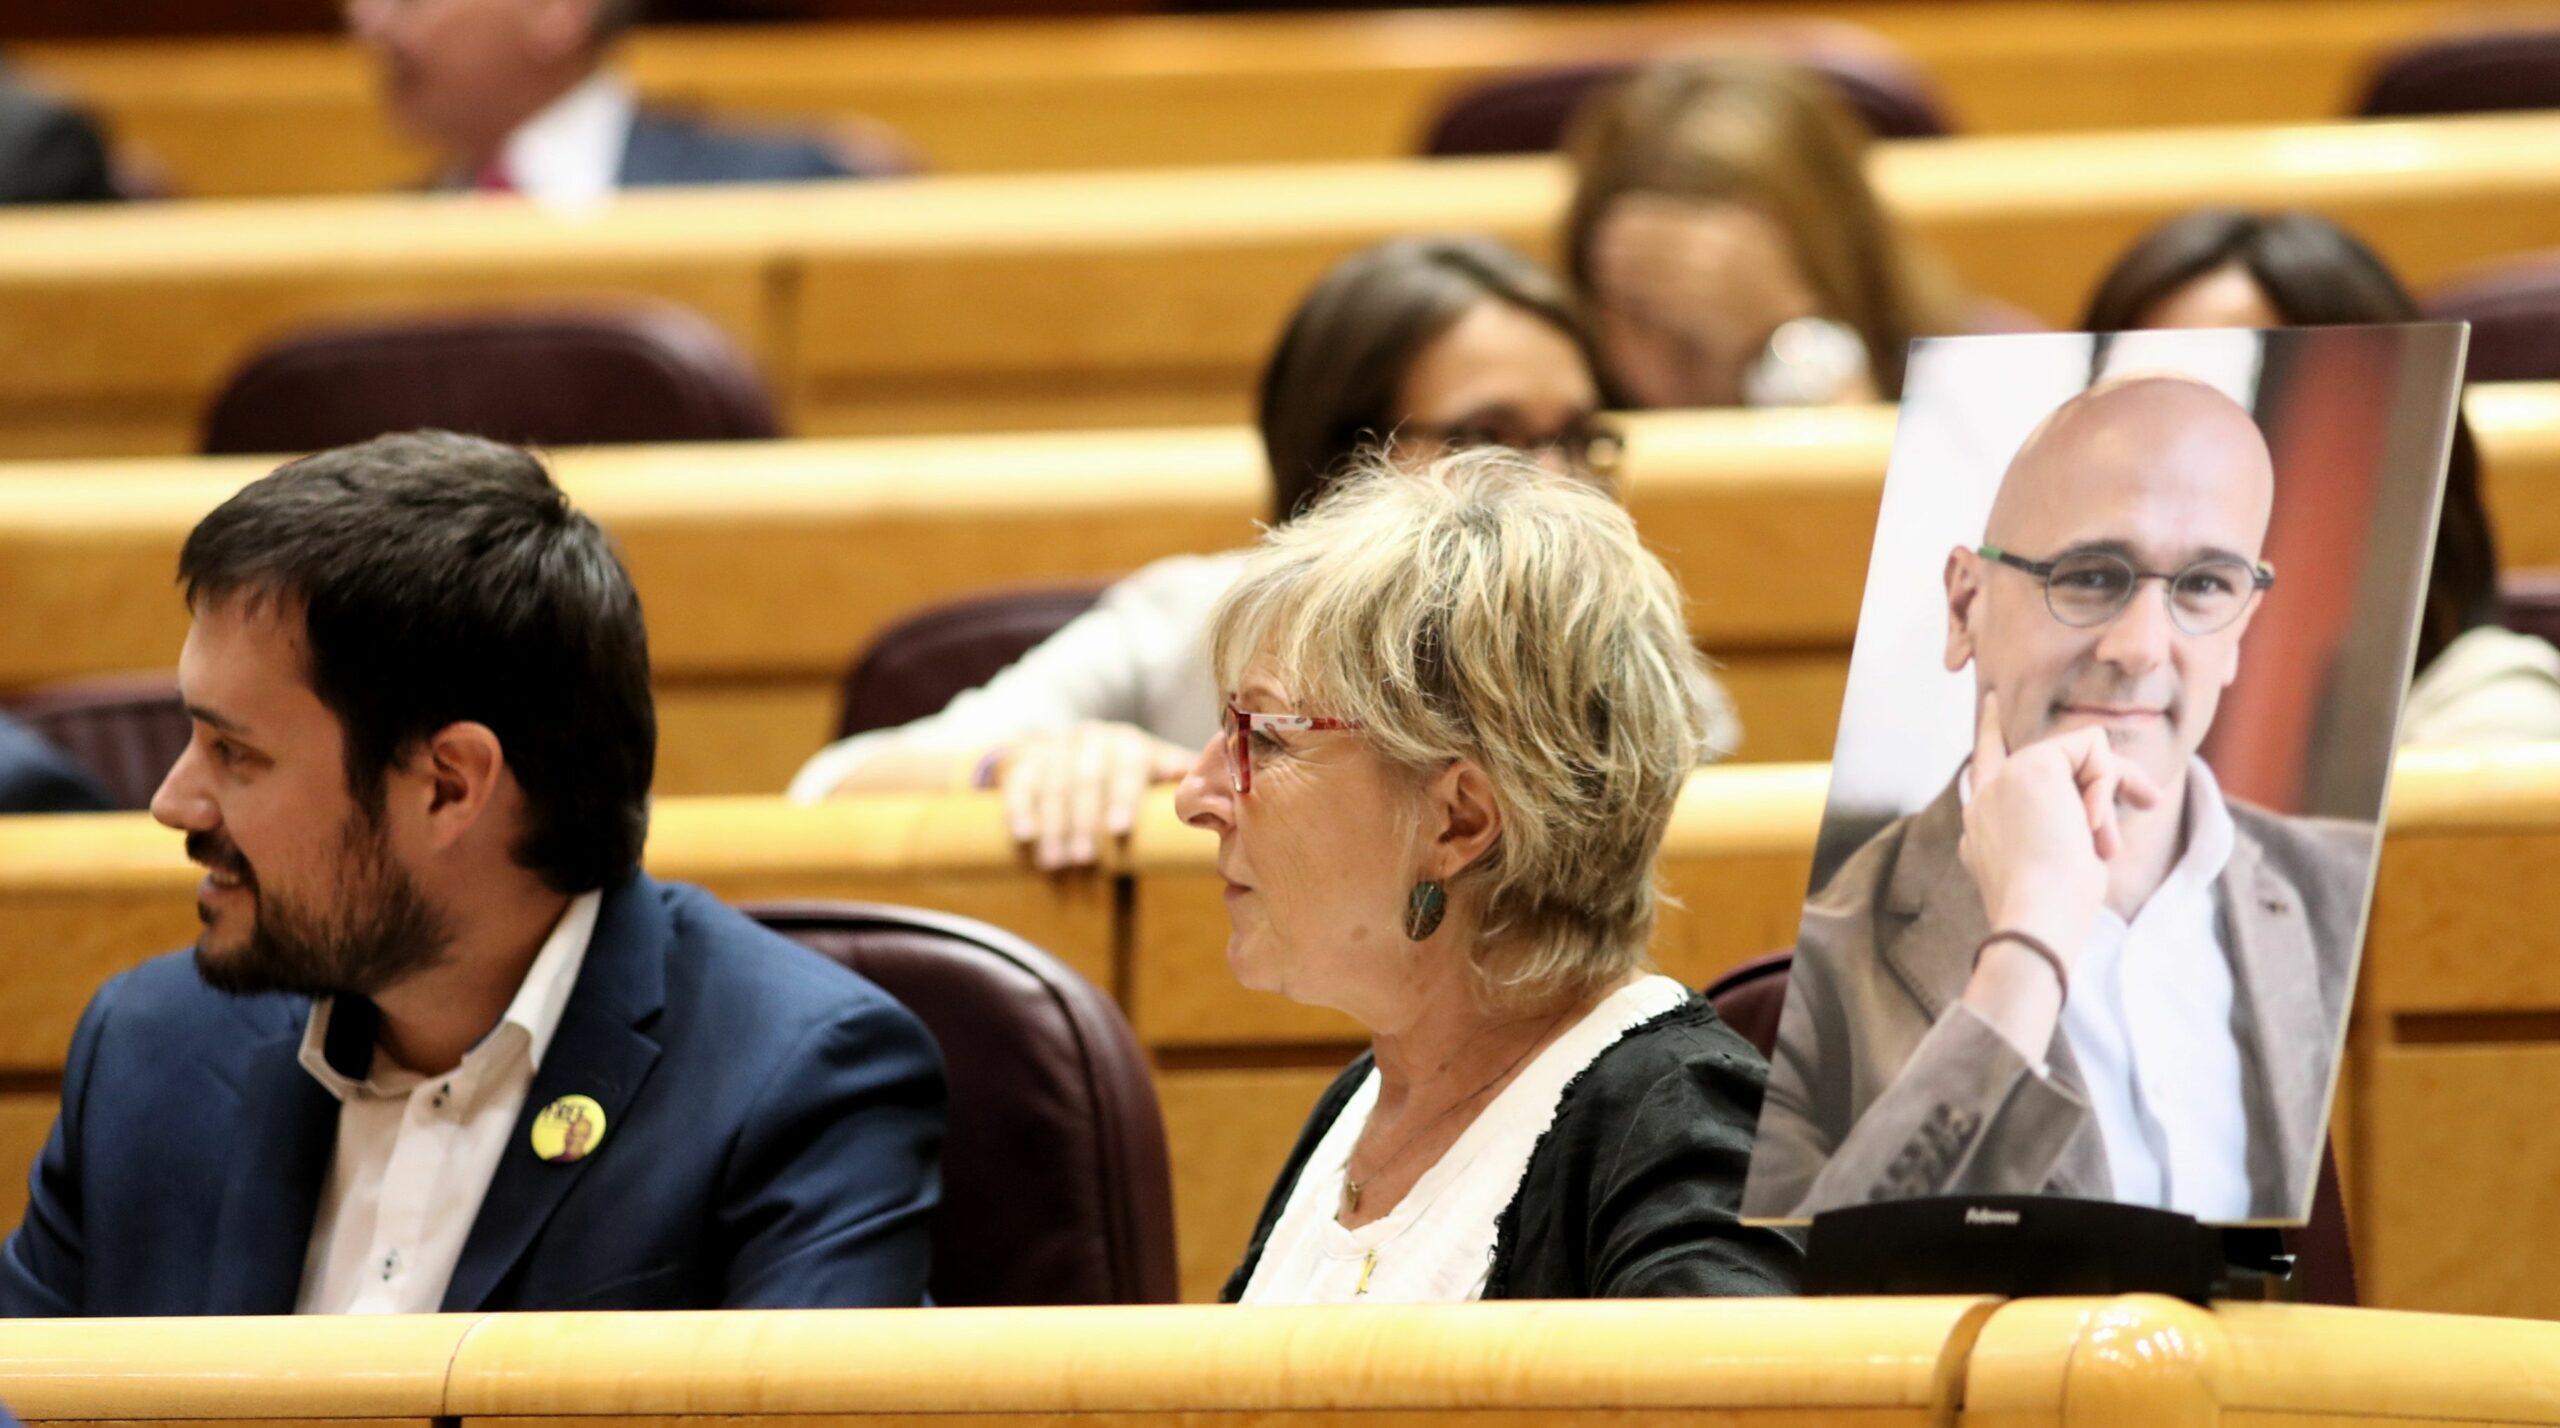 Els portaveus d'ERC al Senat Bernat Picornell i Mirella Cortés (Europa Press)